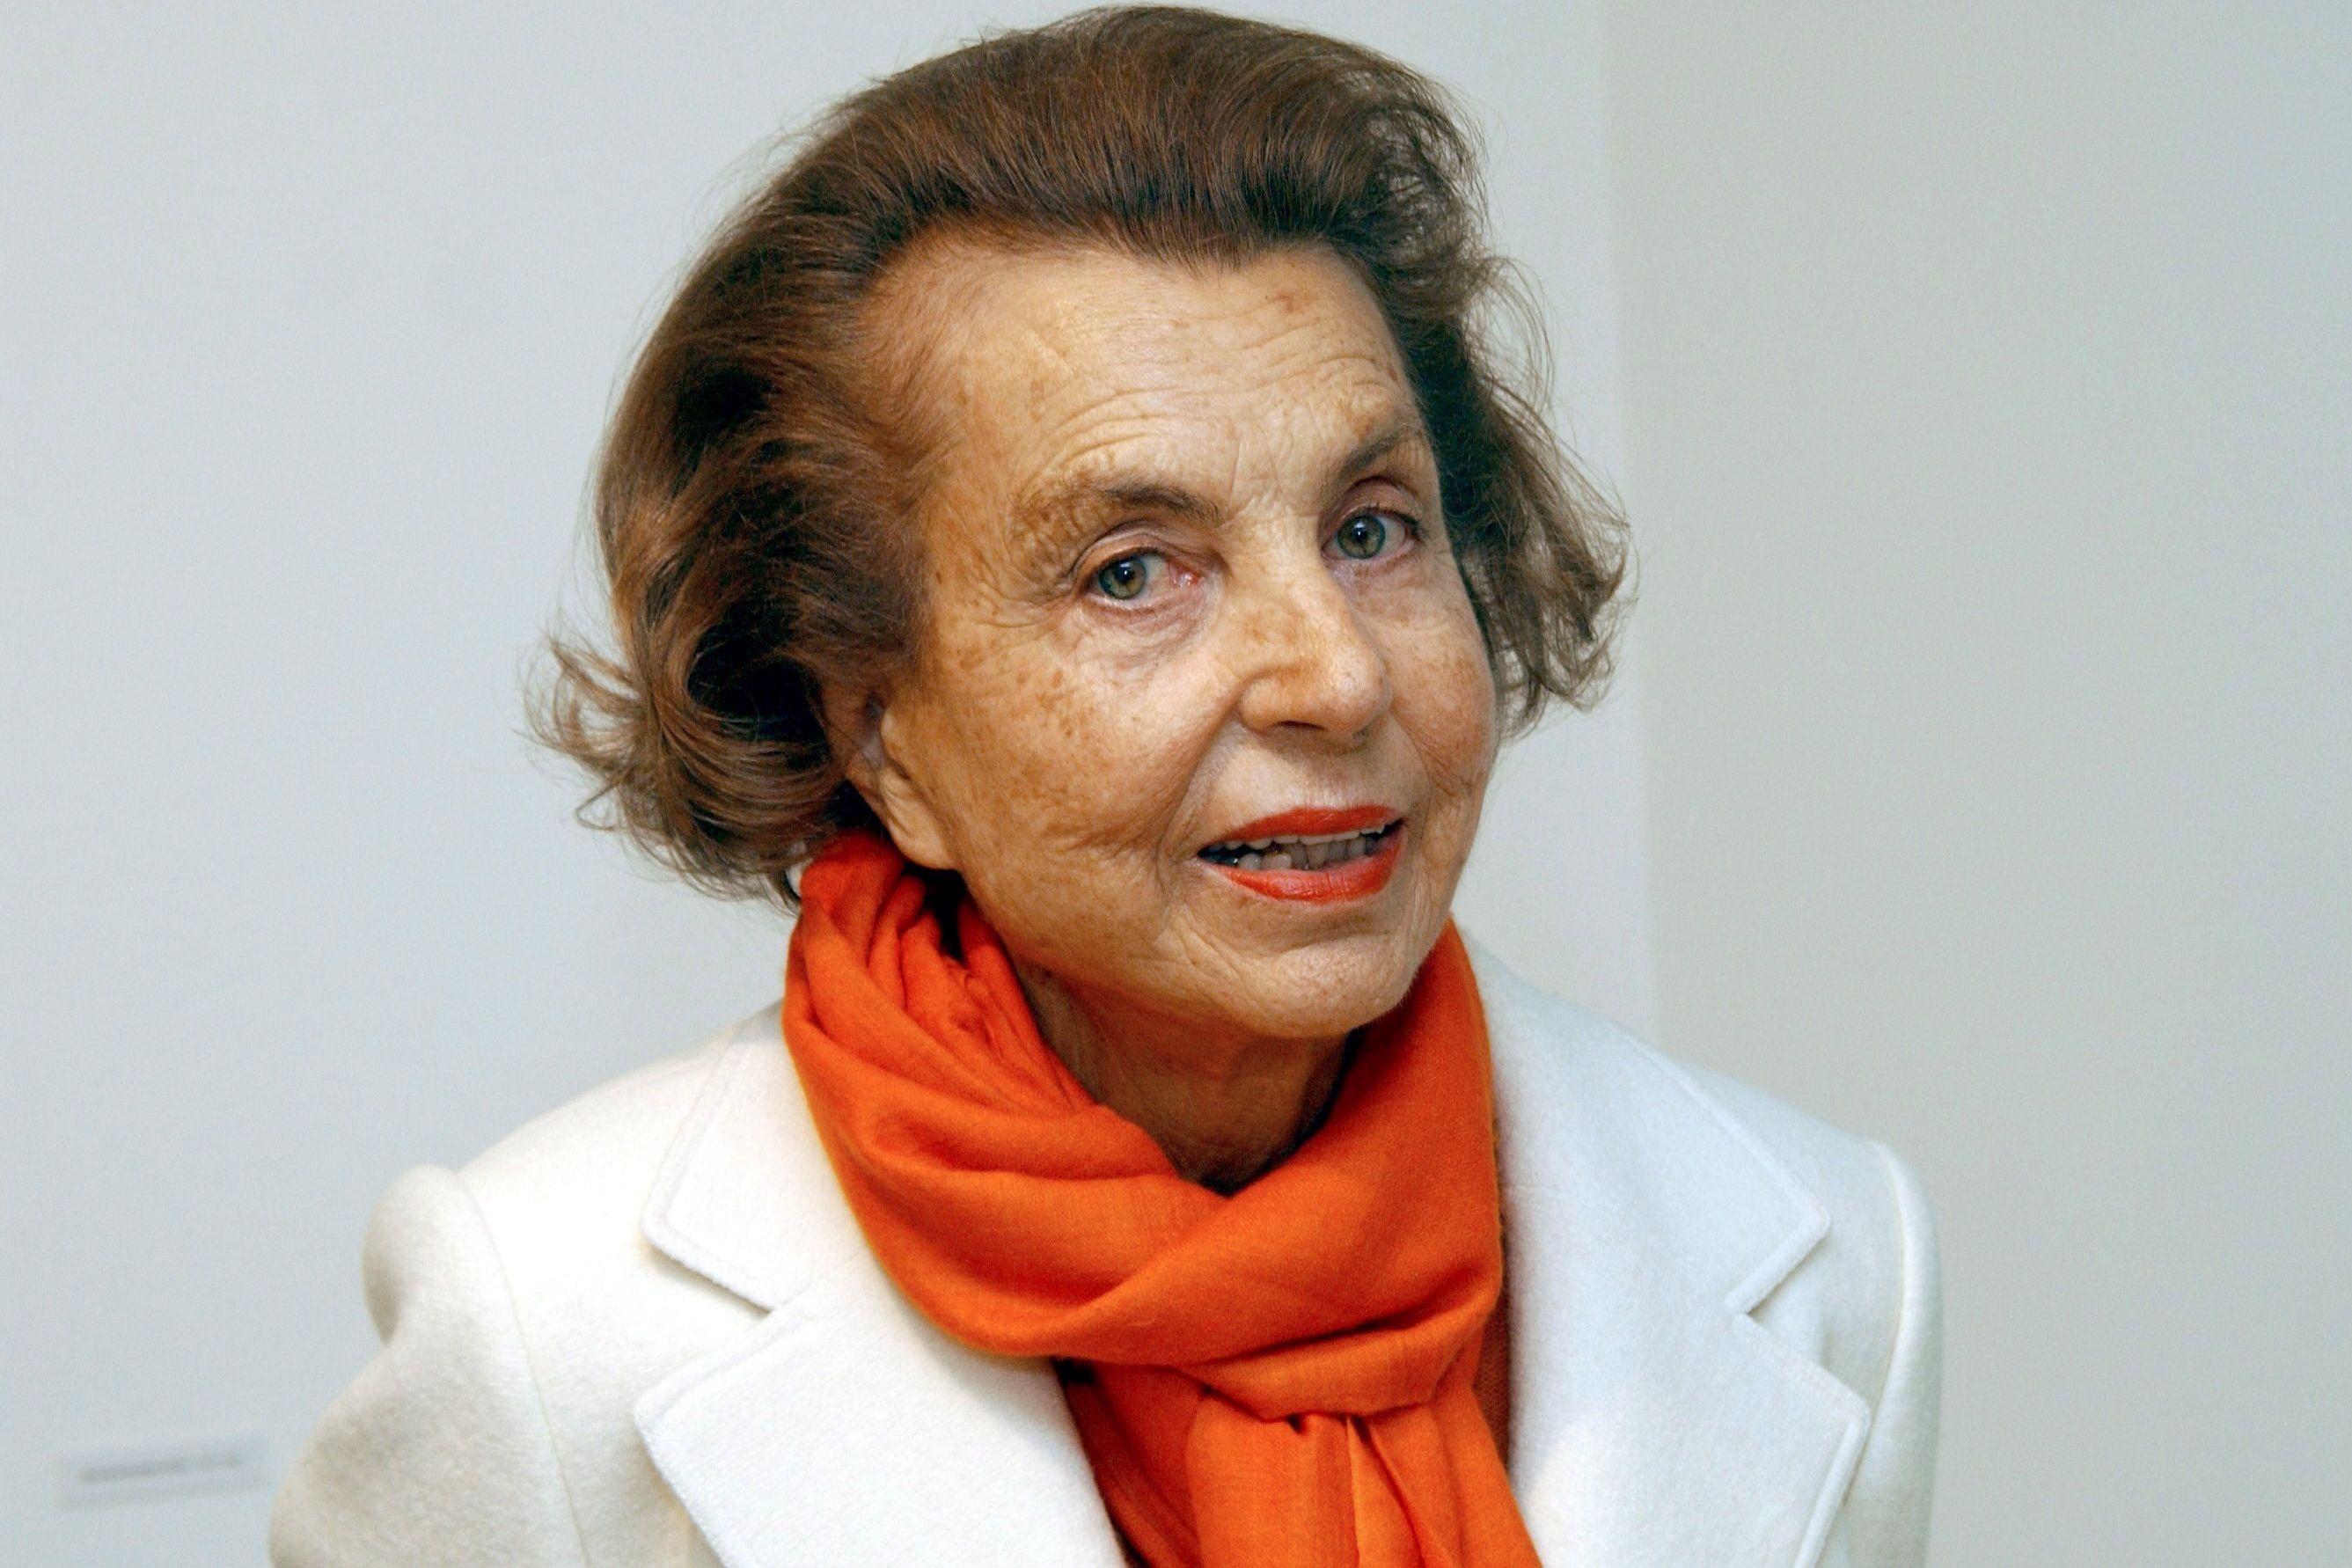 Umrla Liliane Bettencourt, najbogatija žena na svijetu, u dobi od 94 godine